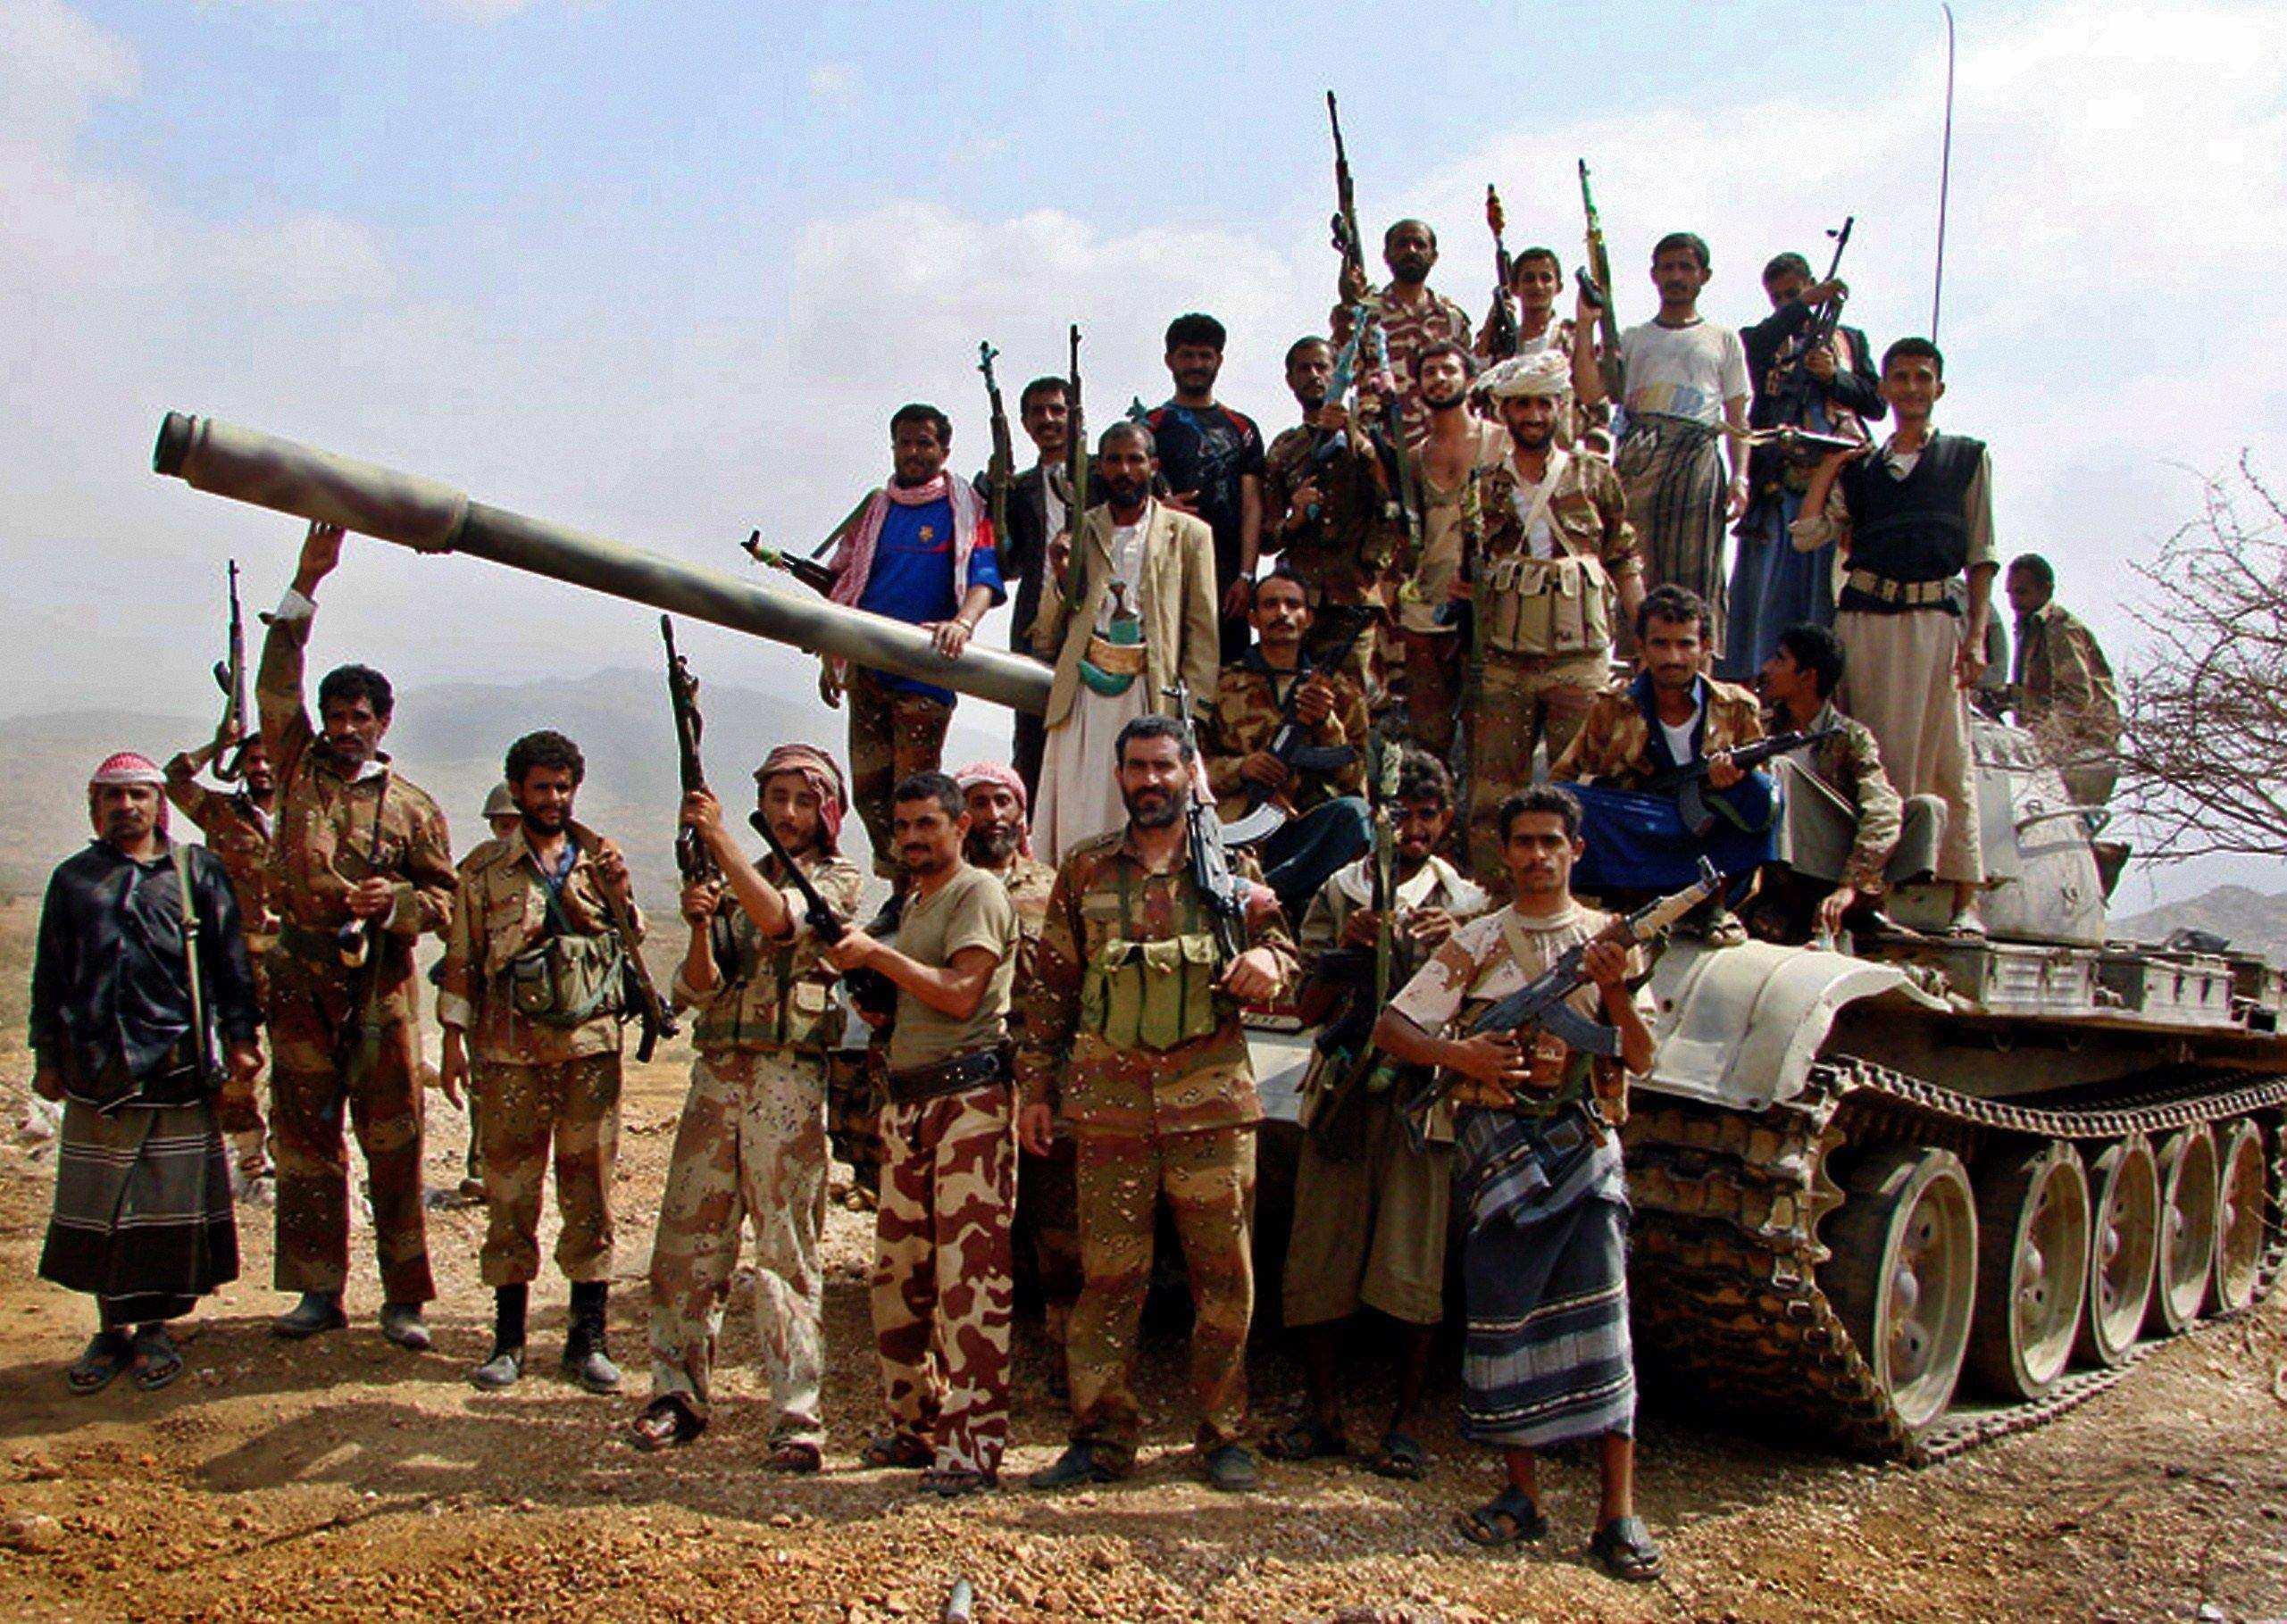 الطيران اليمني يقصف مواقع الحوثيين بالقرب من صنعاء